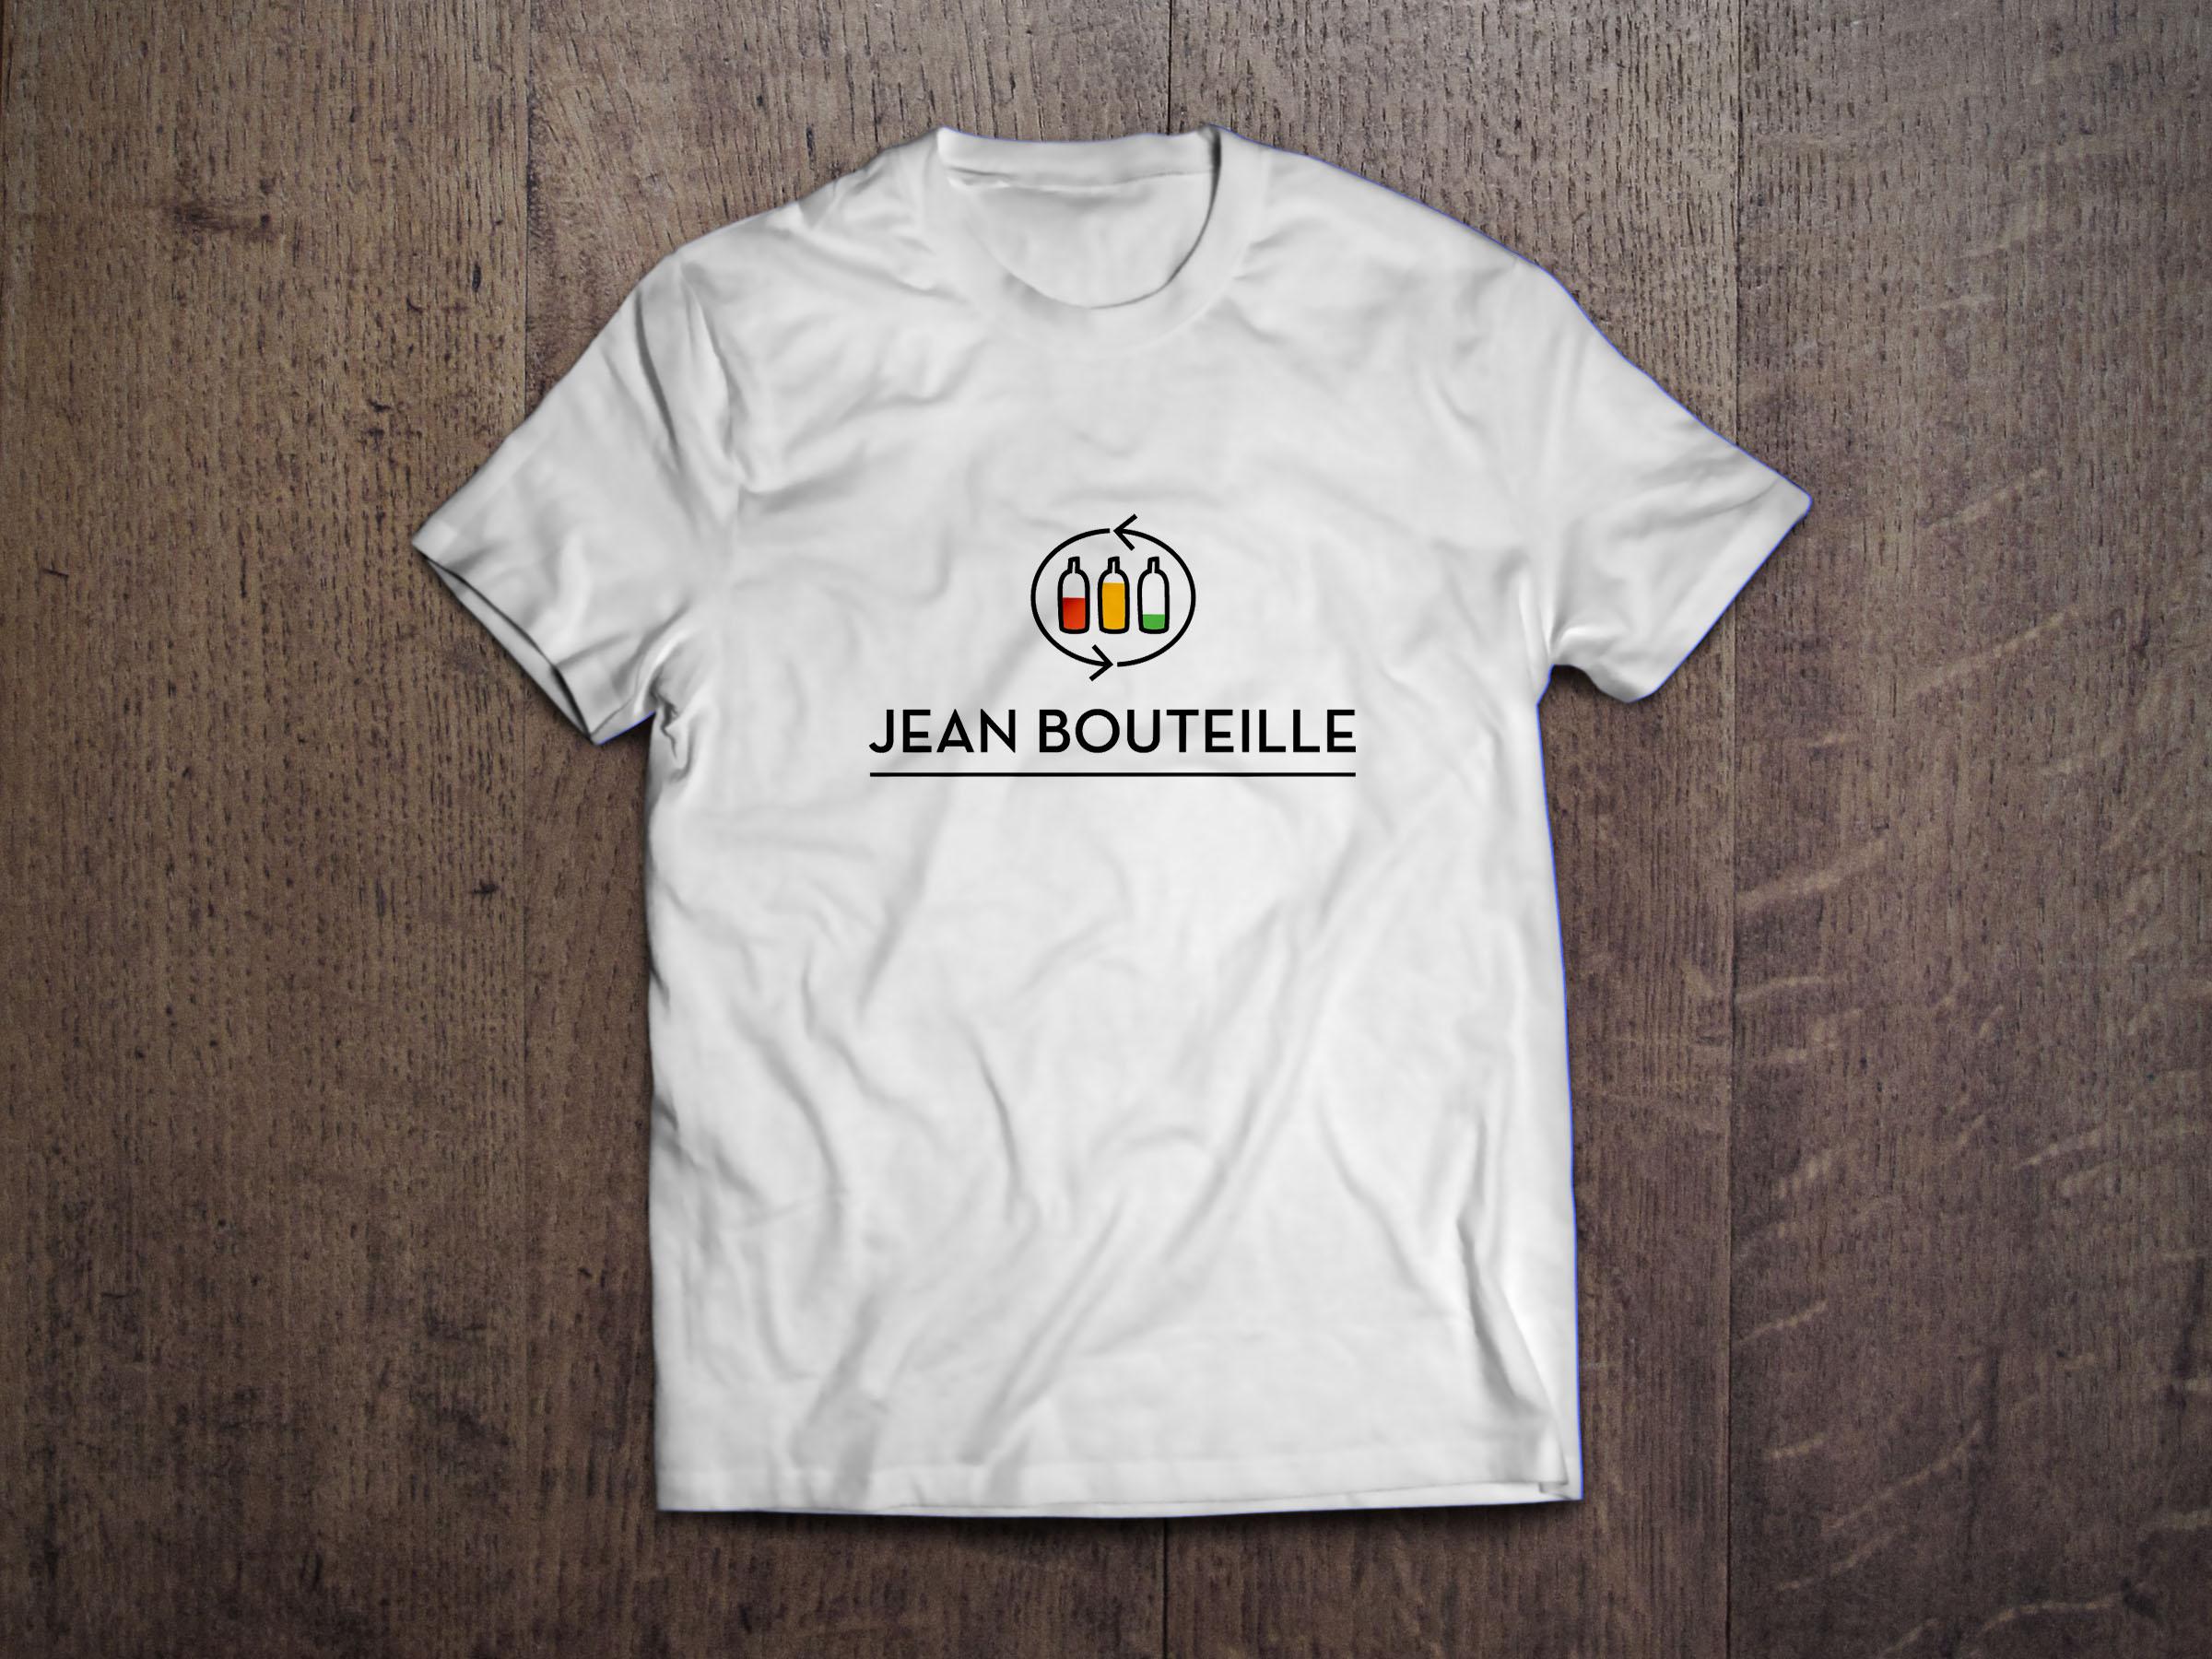 T-Shirt_MockUp_PSD-1412089351.jpg